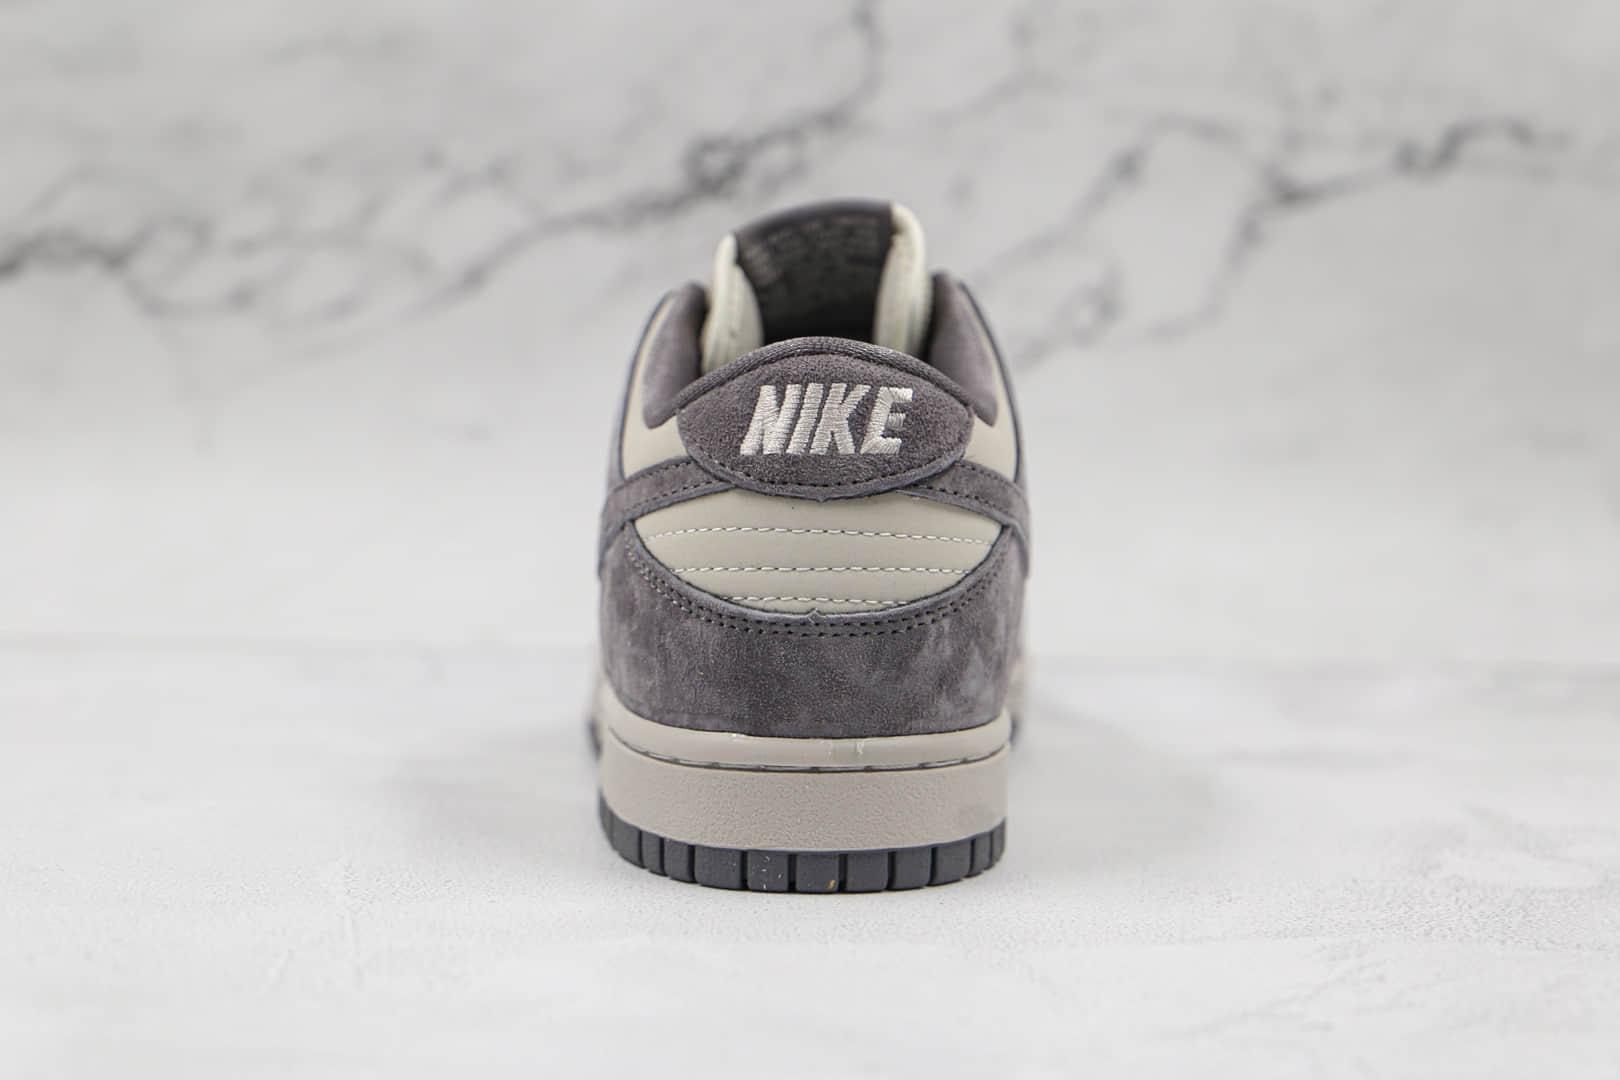 耐克NIKE SB ZOOM DUNK LOW PRO纯原版本低帮SB DUNK灰白麂皮板鞋内置Zoom气垫 货号:854866-002